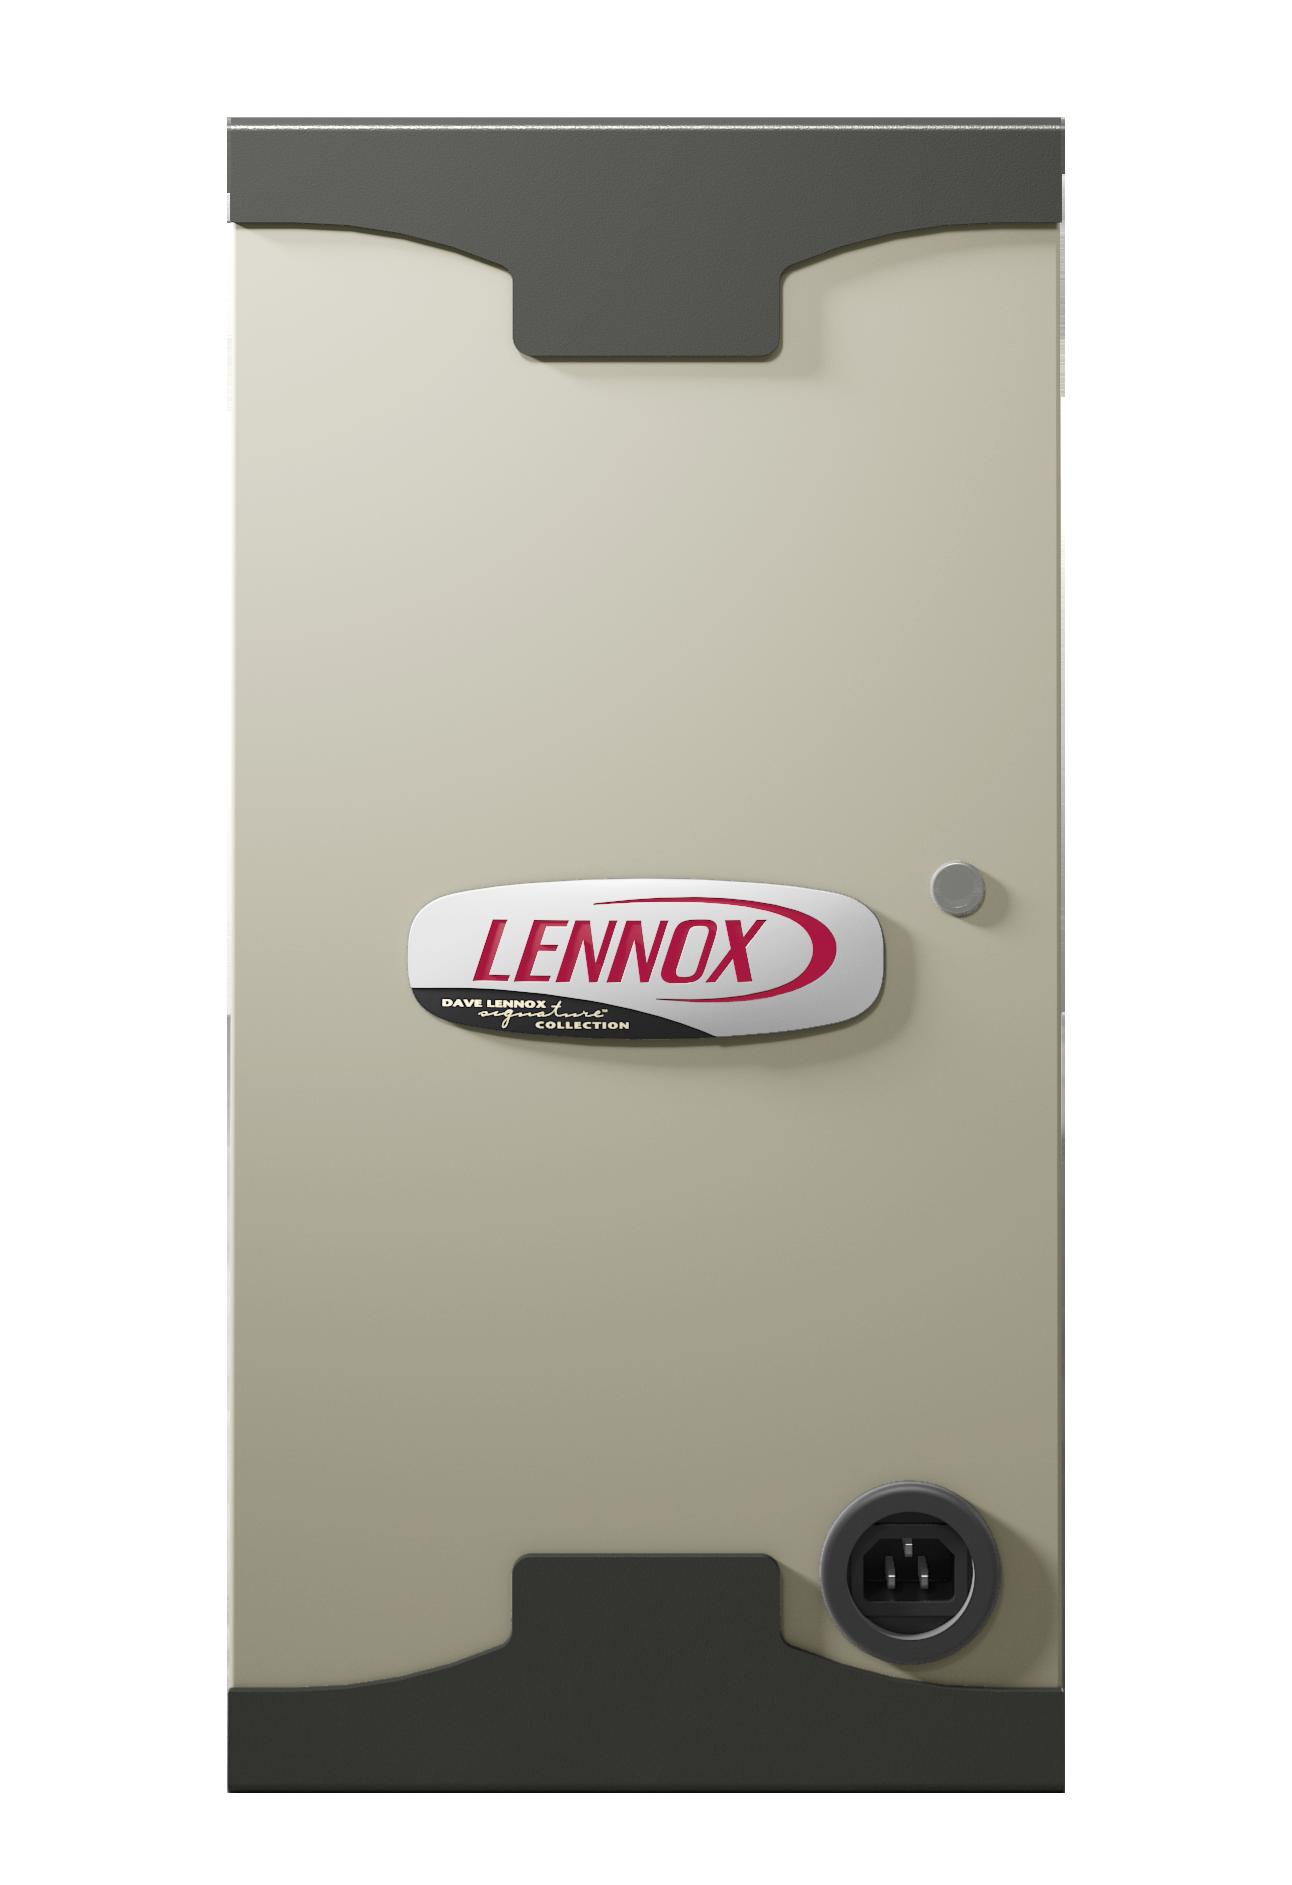 Lennox Pure Air S